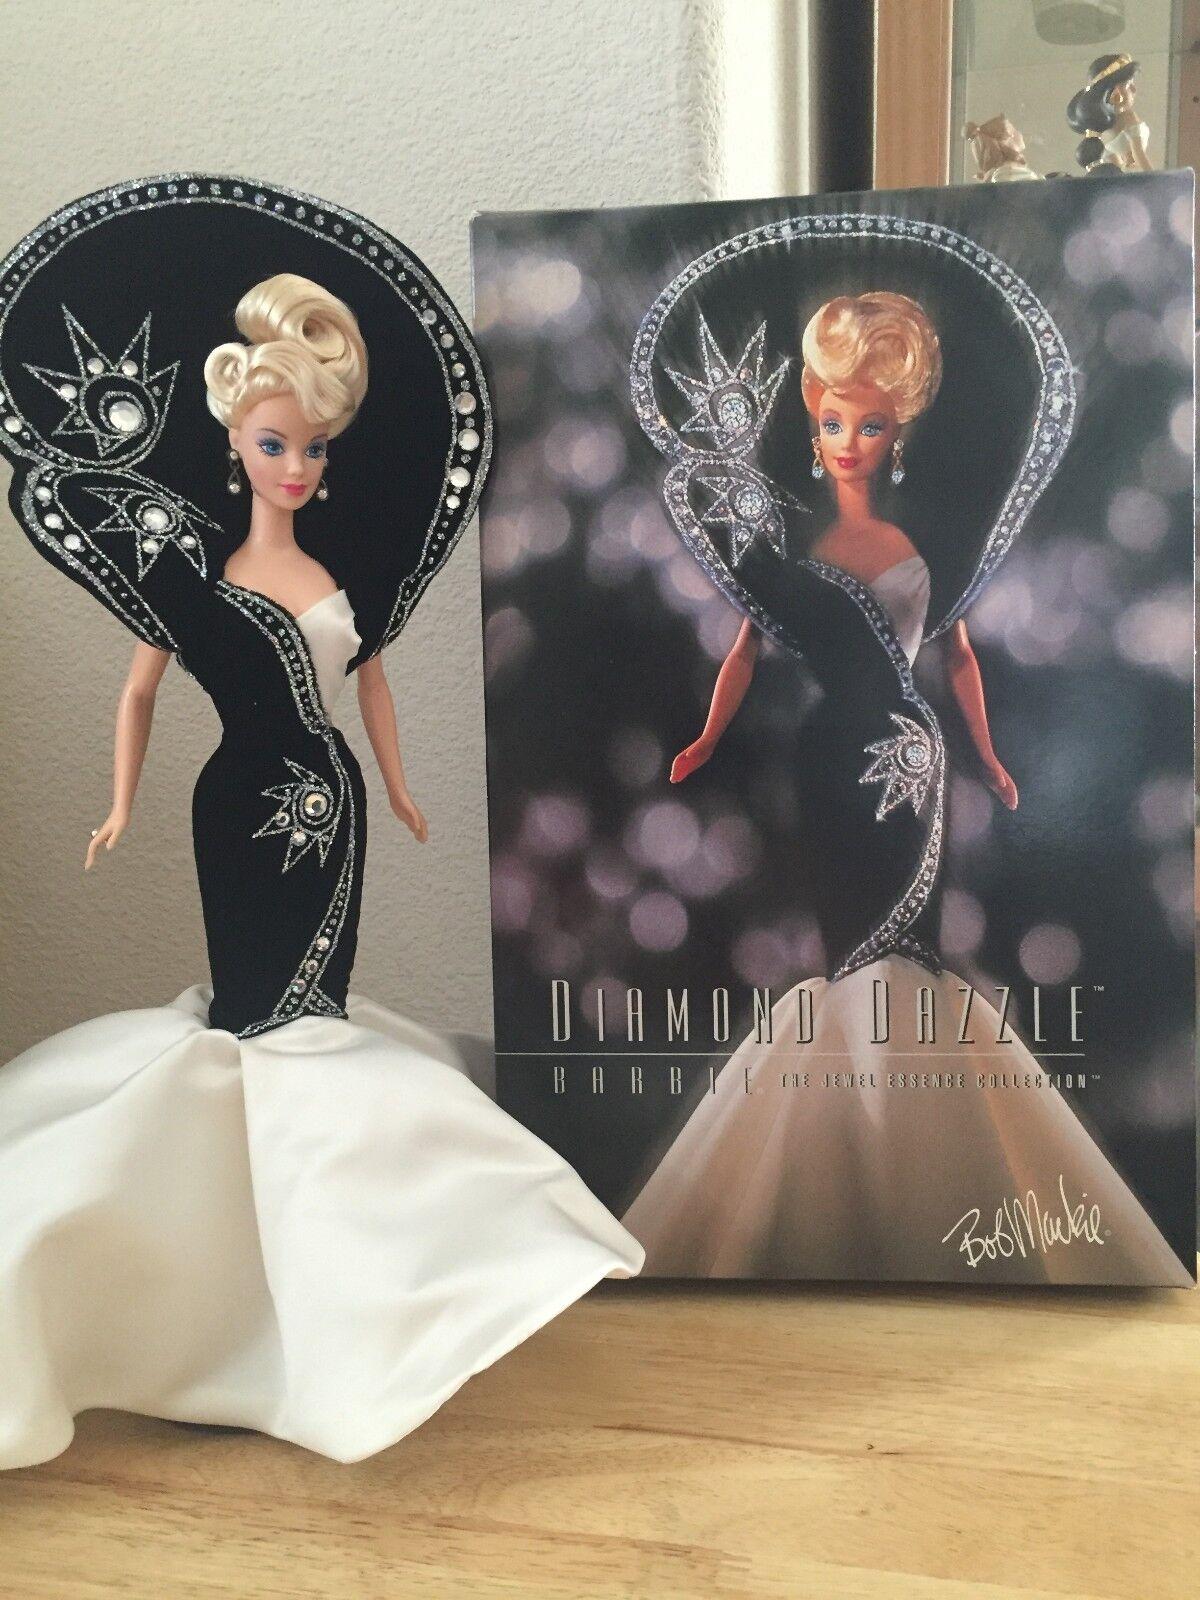 Barbie Bob Mackie Joya esencia Colección  Diamond Dazzle